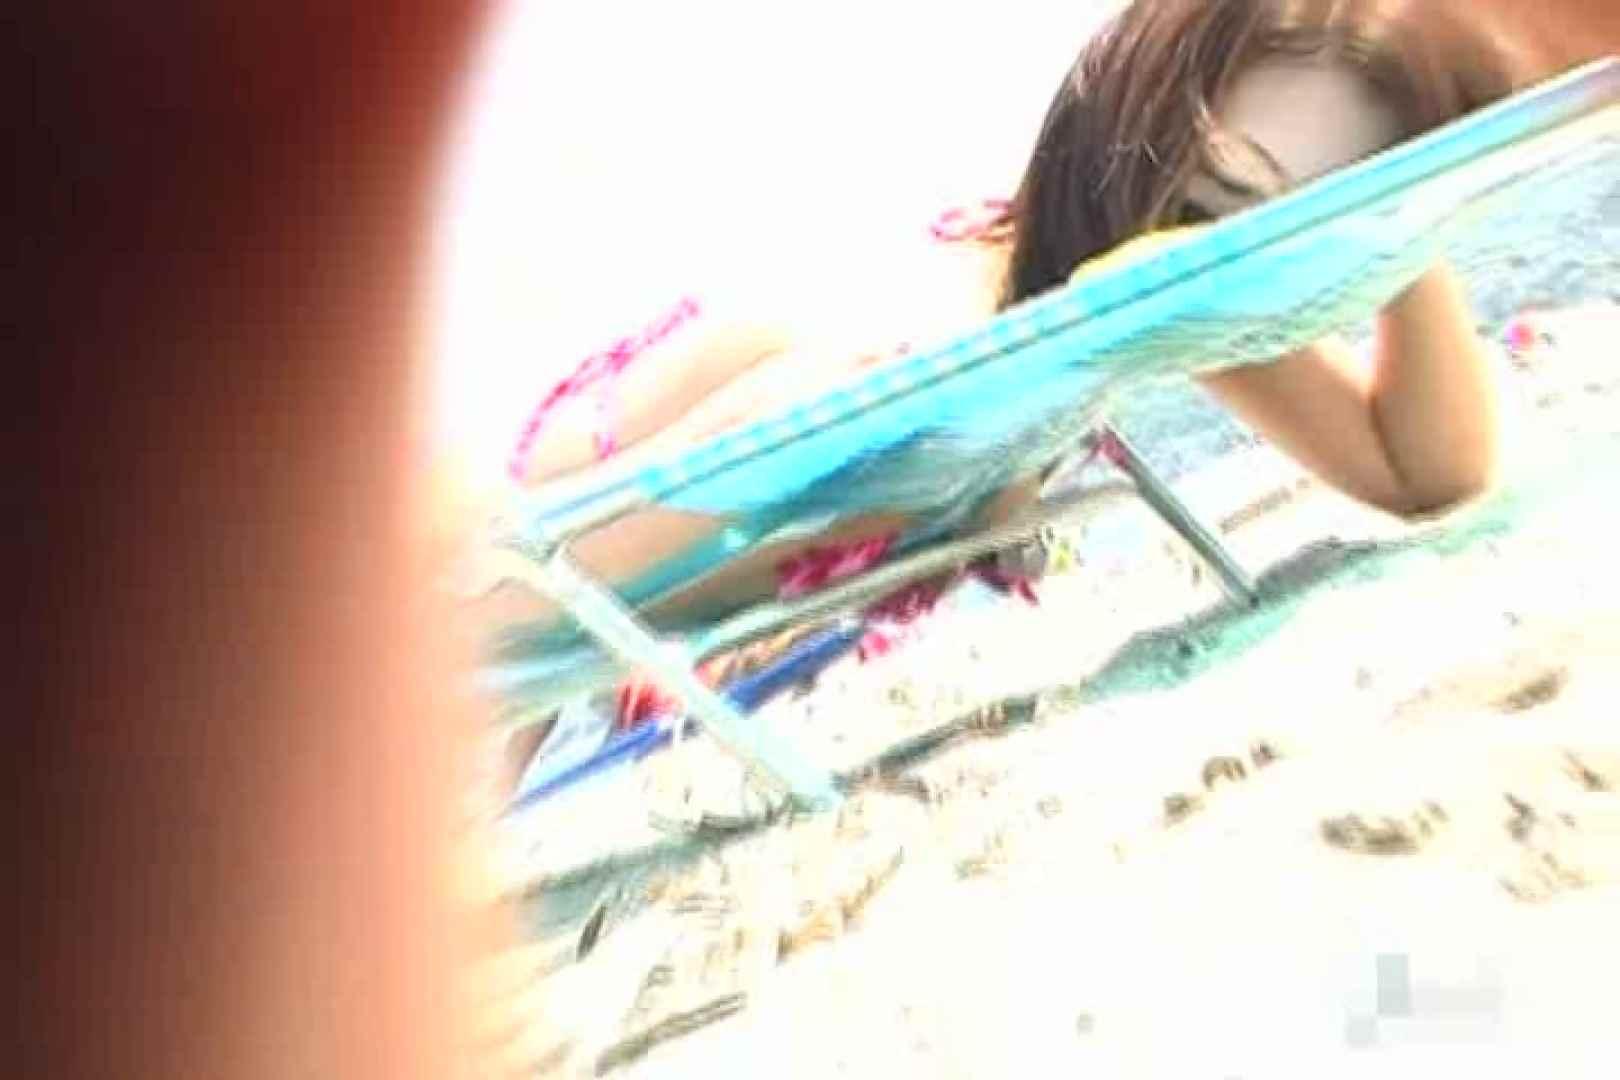 ビーチで起きたあなたの知らない世界!!Vol.1 乳首 オマンコ無修正動画無料 99PIX 23